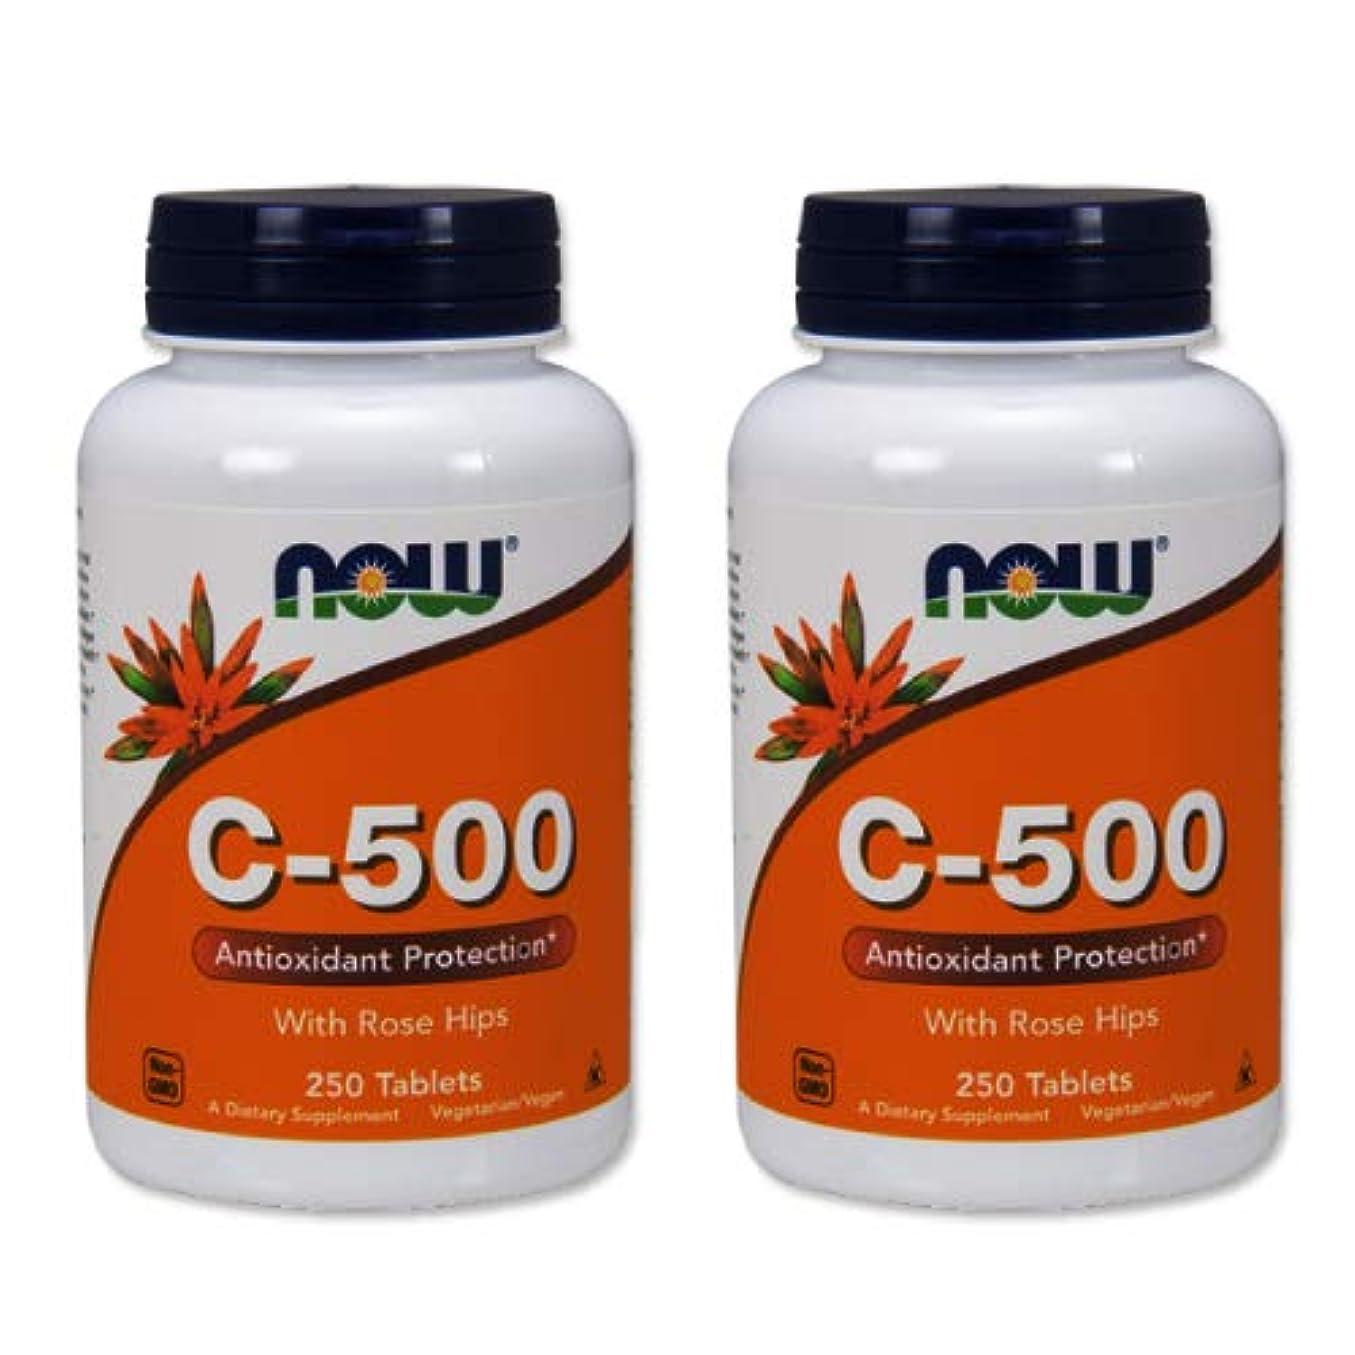 経度掃除降臨2個セット ビタミンC-500(ローズヒップ配合) 250粒 [海外直送品]